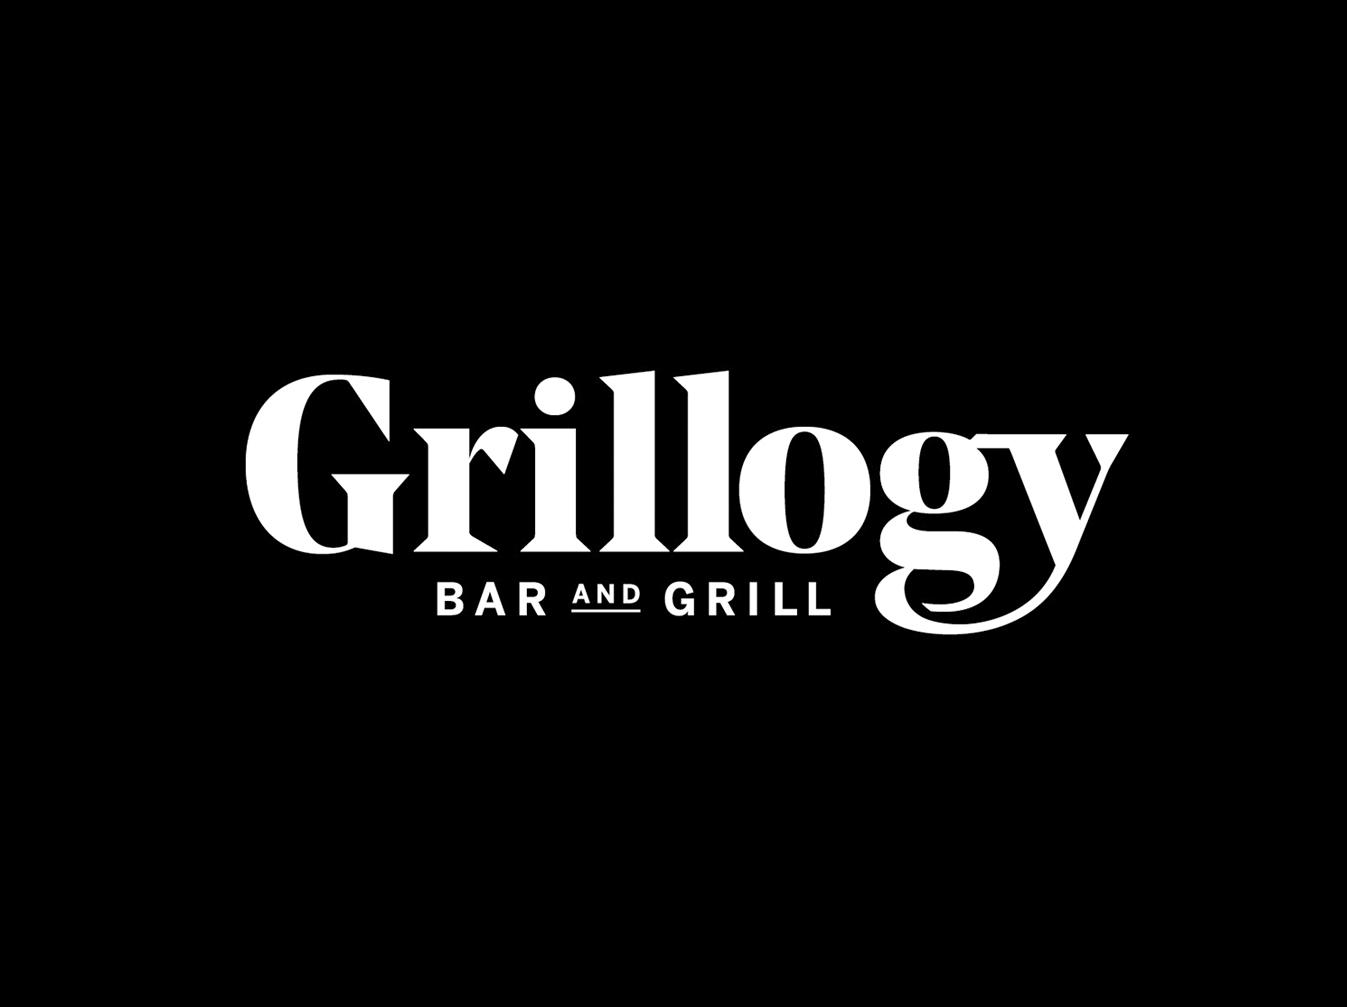 Grillogy